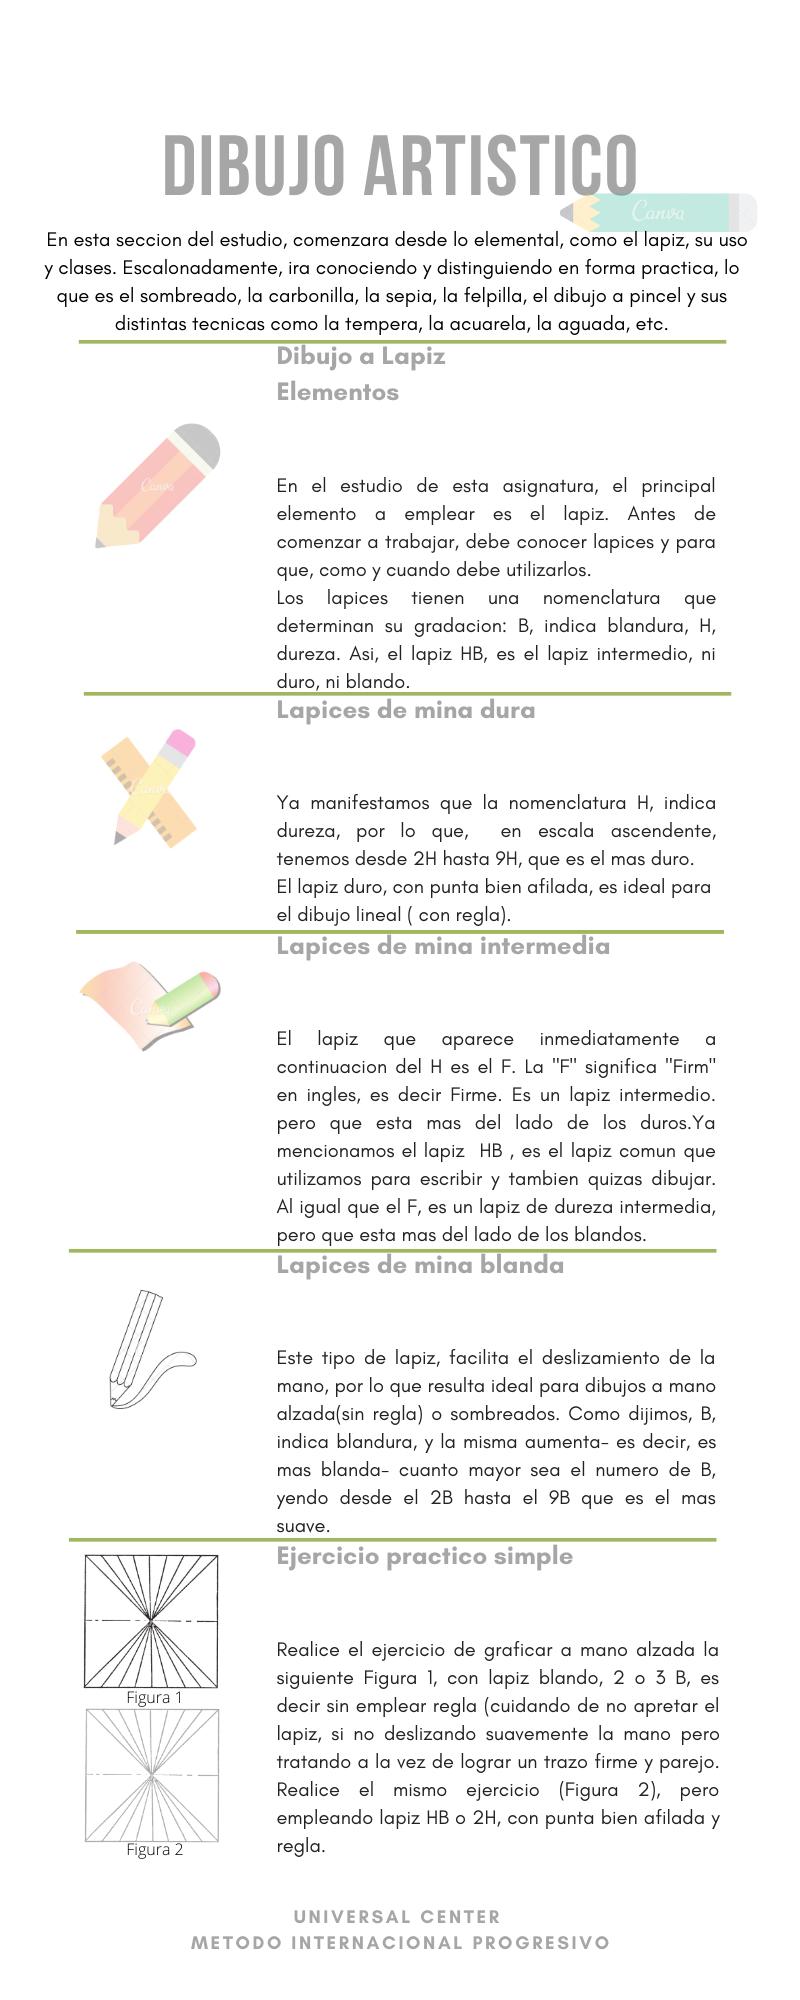 Pin De Mina Iara En Decoracion Cursos De Decoracion Dibujos Artisticos Iniciales